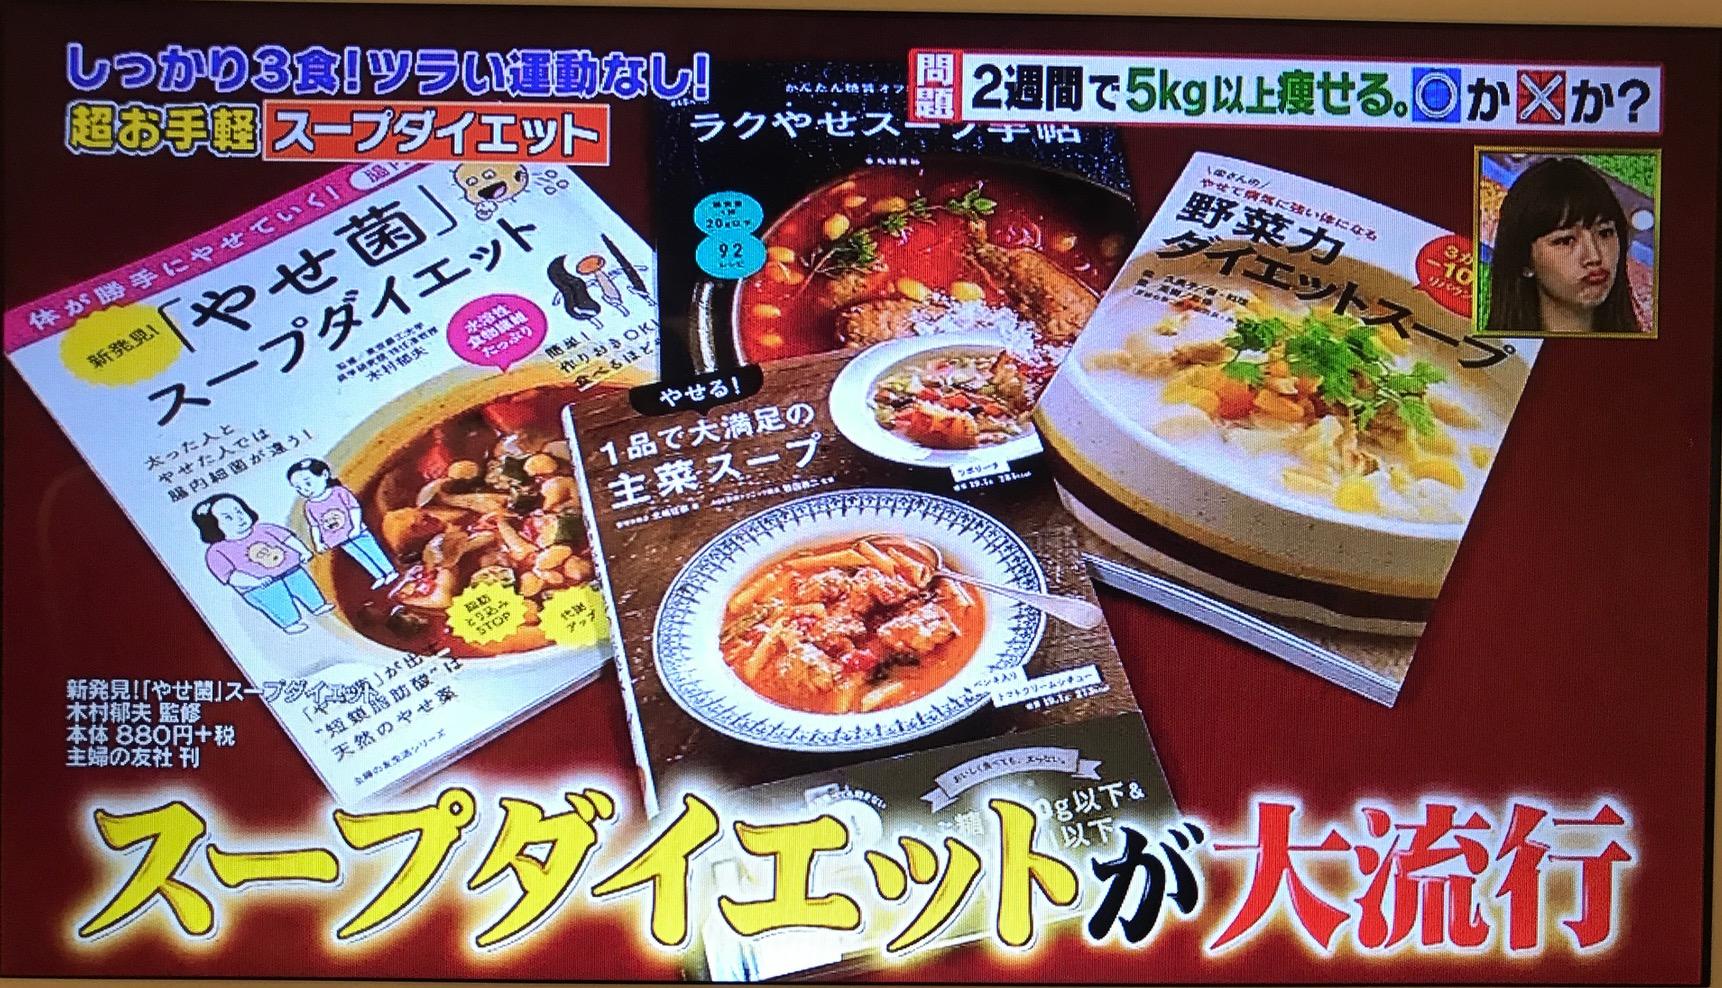 【楽天市場】ダンベル 5kgの通販